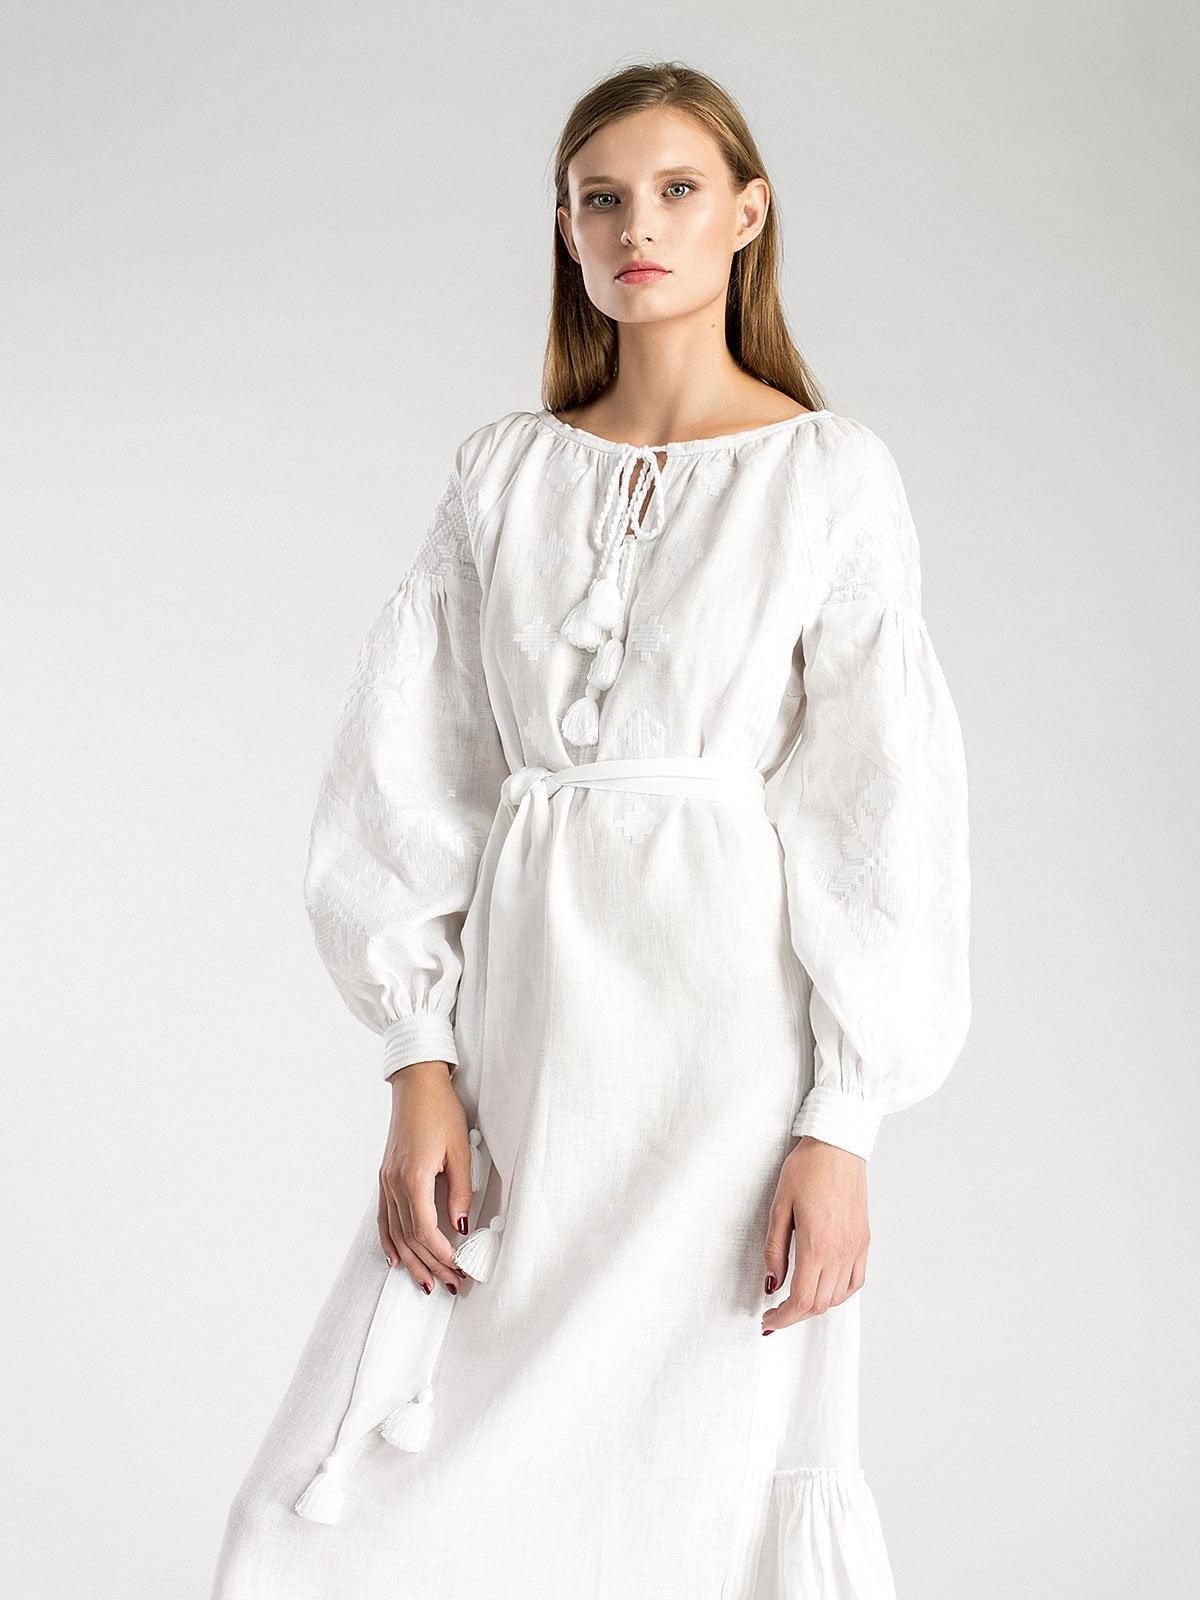 Біла лляна максі-сукня з білою вишивкою MD21 – купити в Києві та ... 9ed36ea94681f